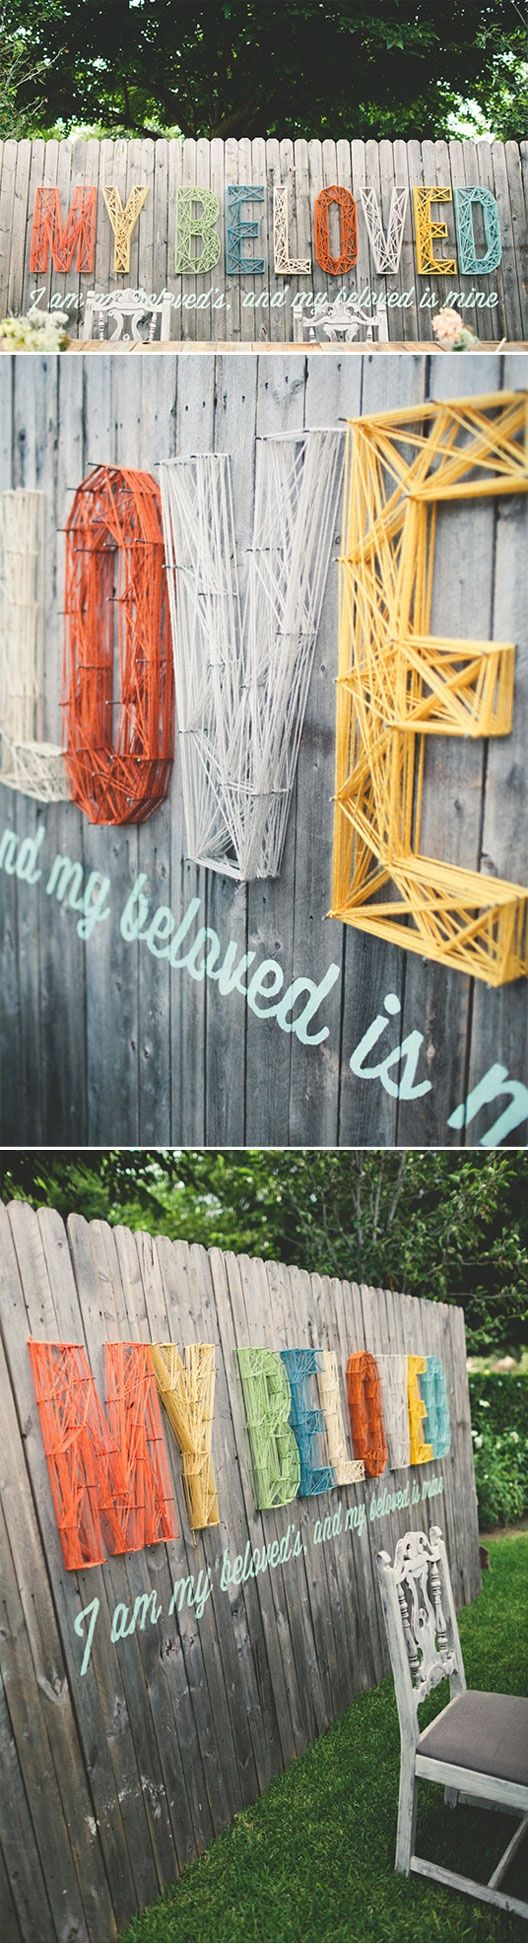 Comment décorer la clôture de son jardin?